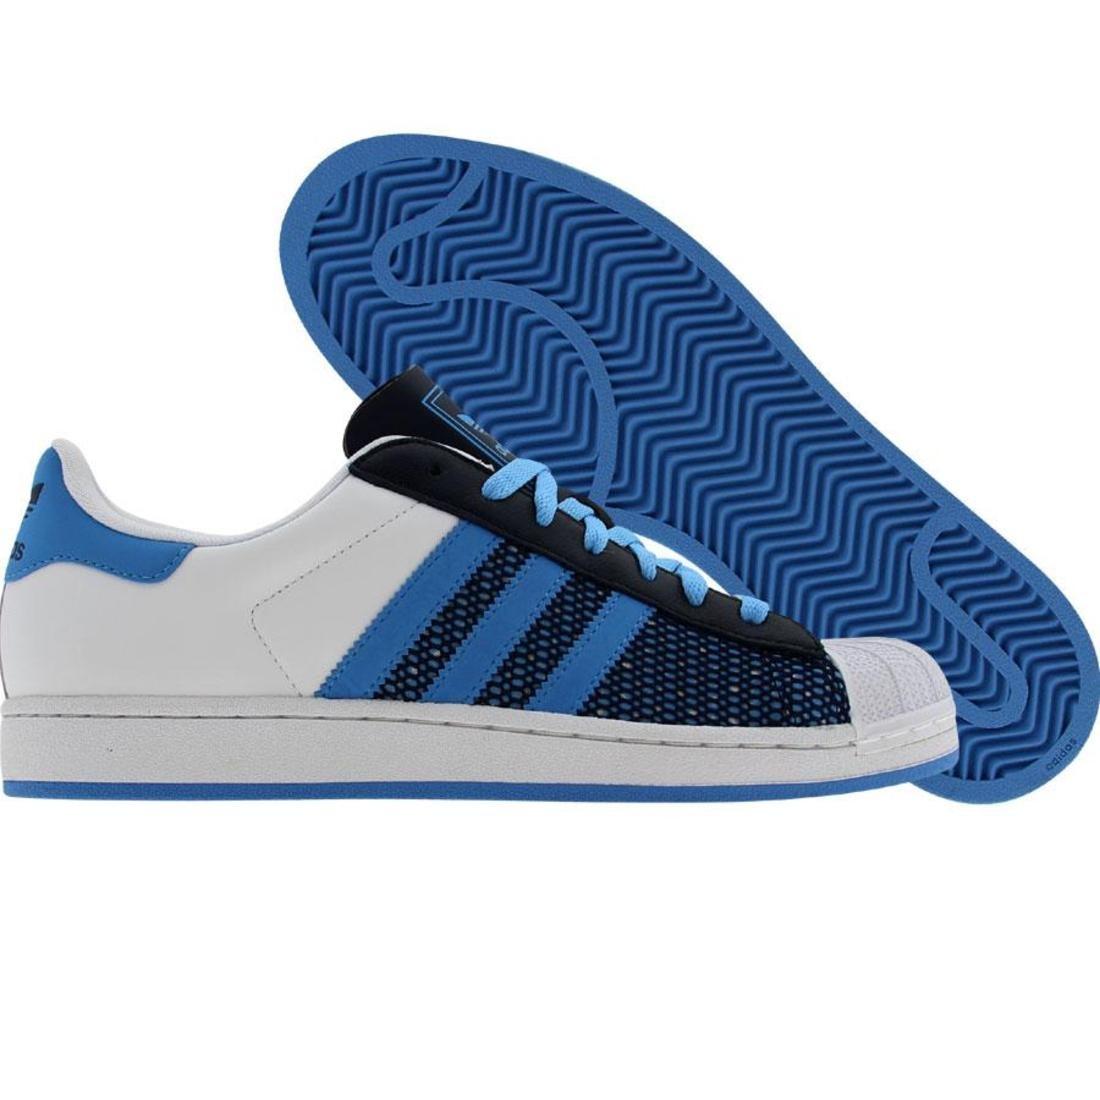 【海外限定】アディダス スーパースター カレッジ 青 ブルー メンズ靴 スニーカー 【 ADIDAS SUPERSTAR BLUE RUNNINWHITE COLLEGE NAVY 】